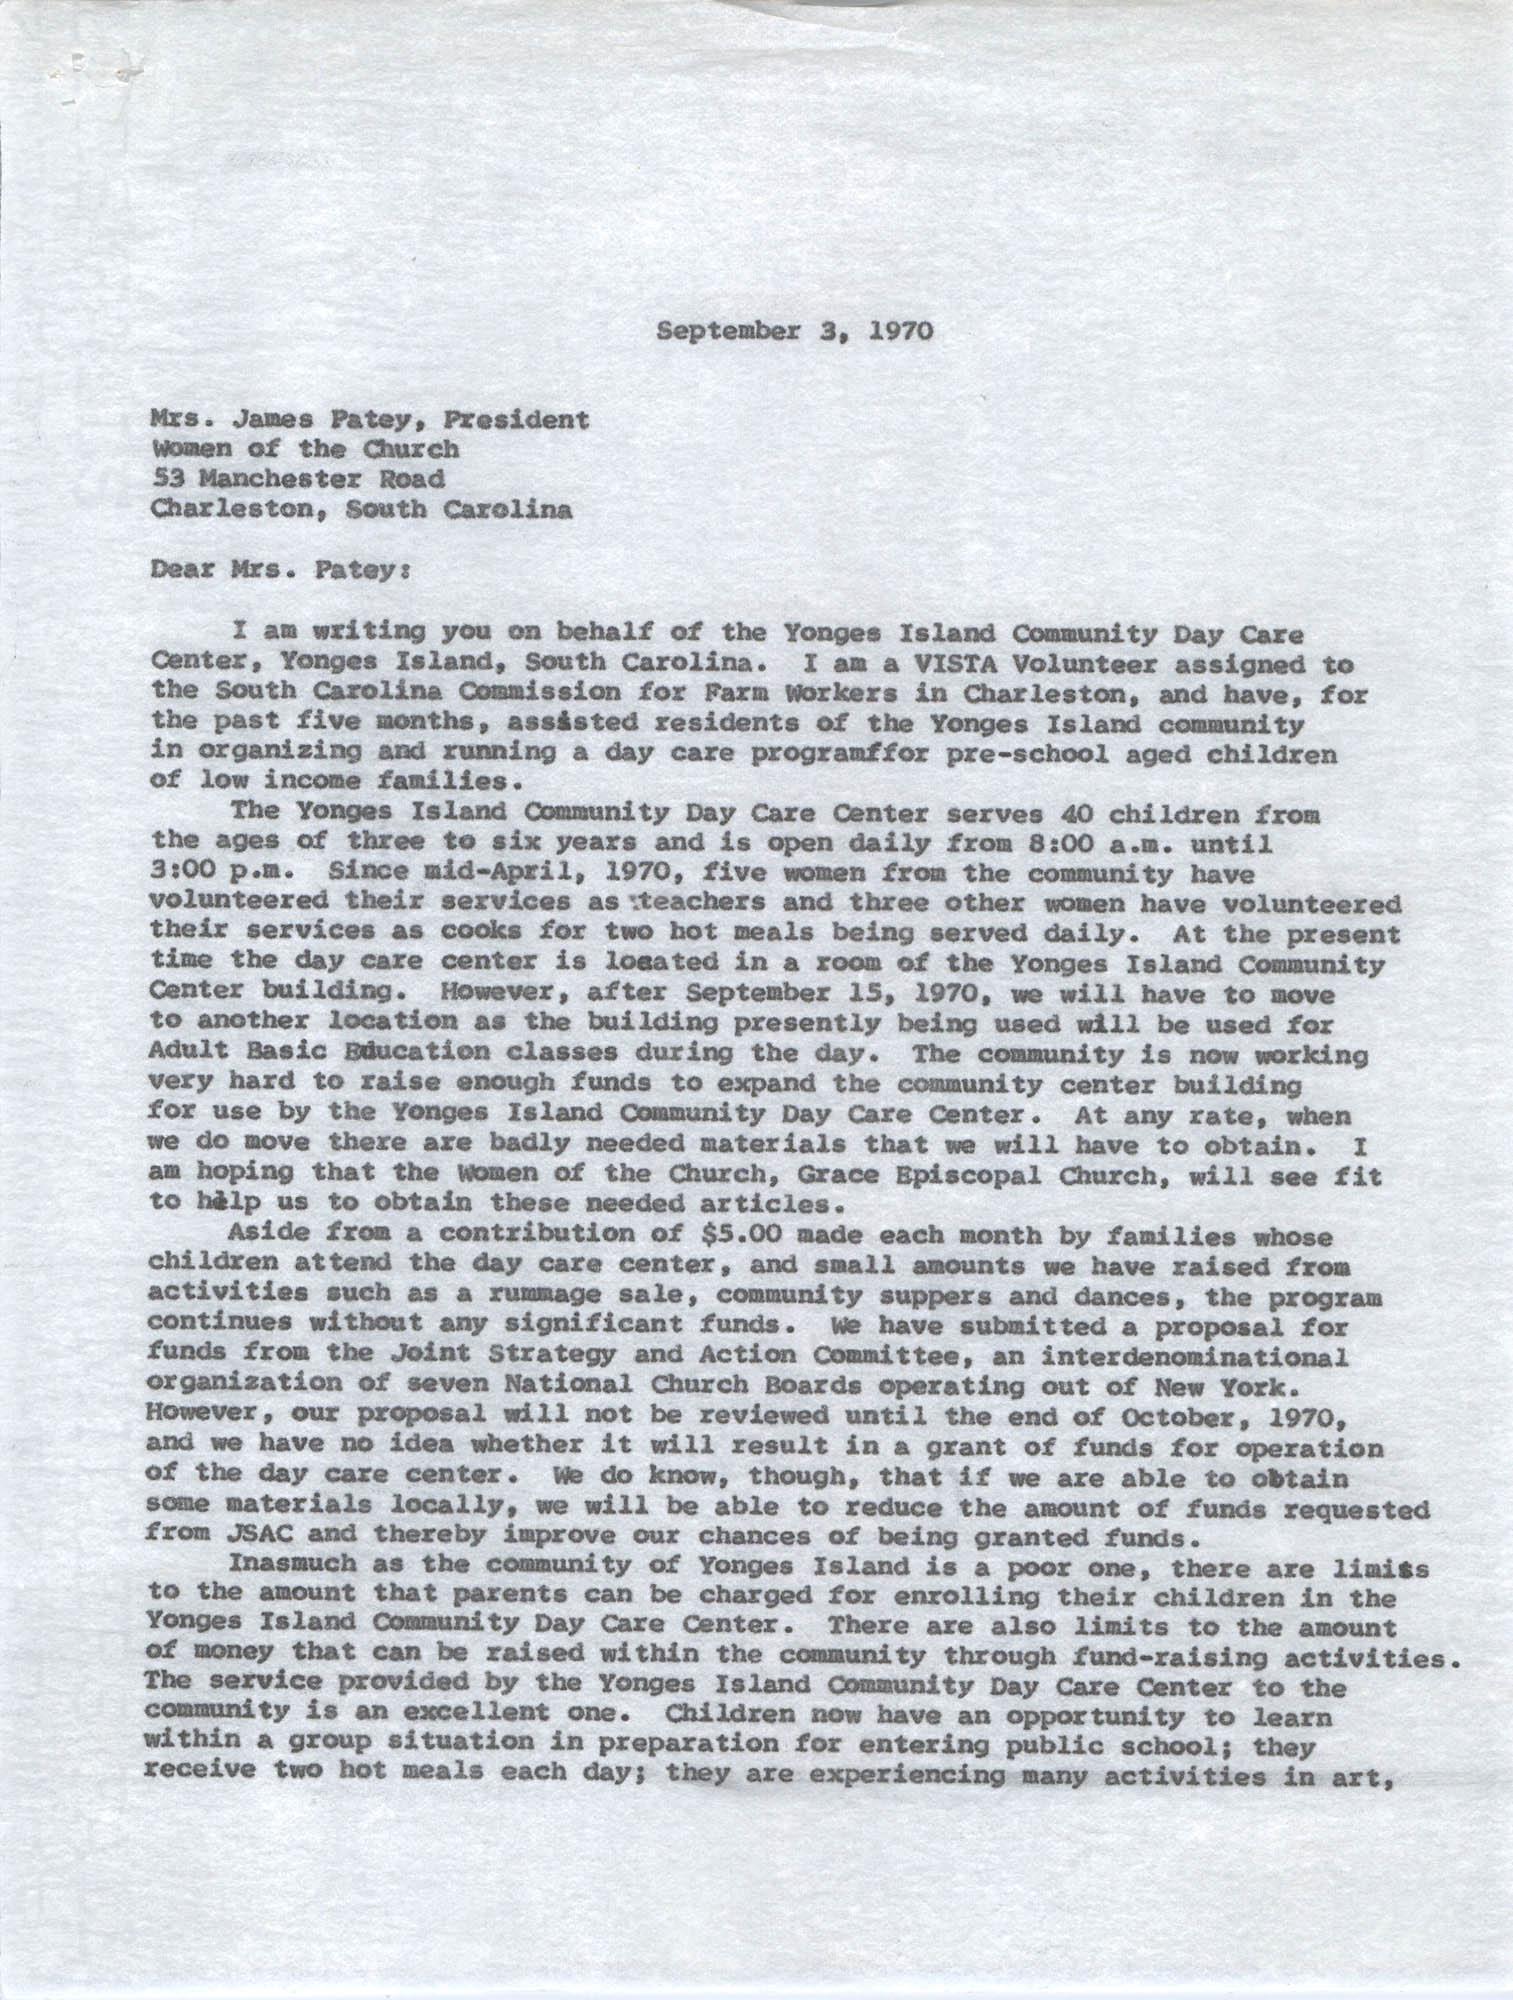 Letter from Karney Platt to James Patey, September 3, 1970